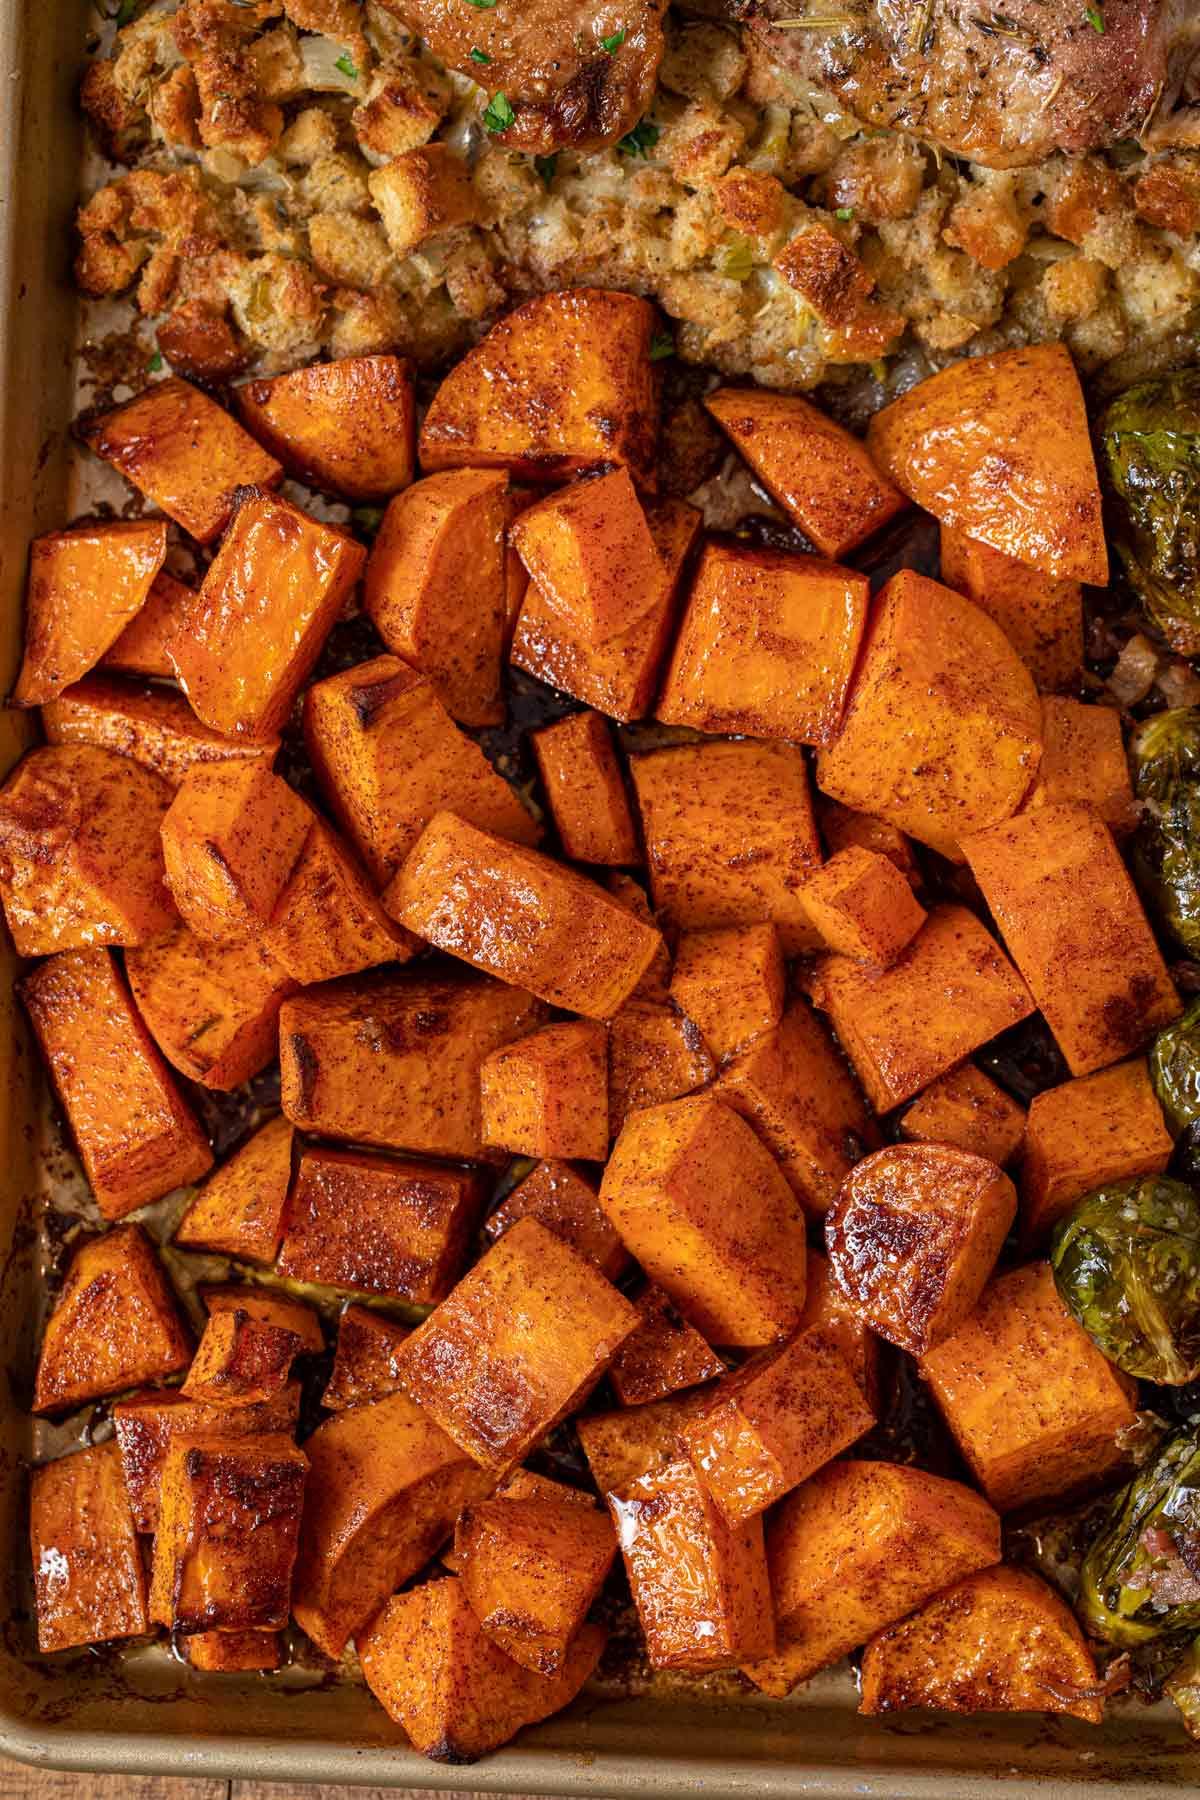 Sheet Pan Thanksgiving Dinner close up of sweet potatoes